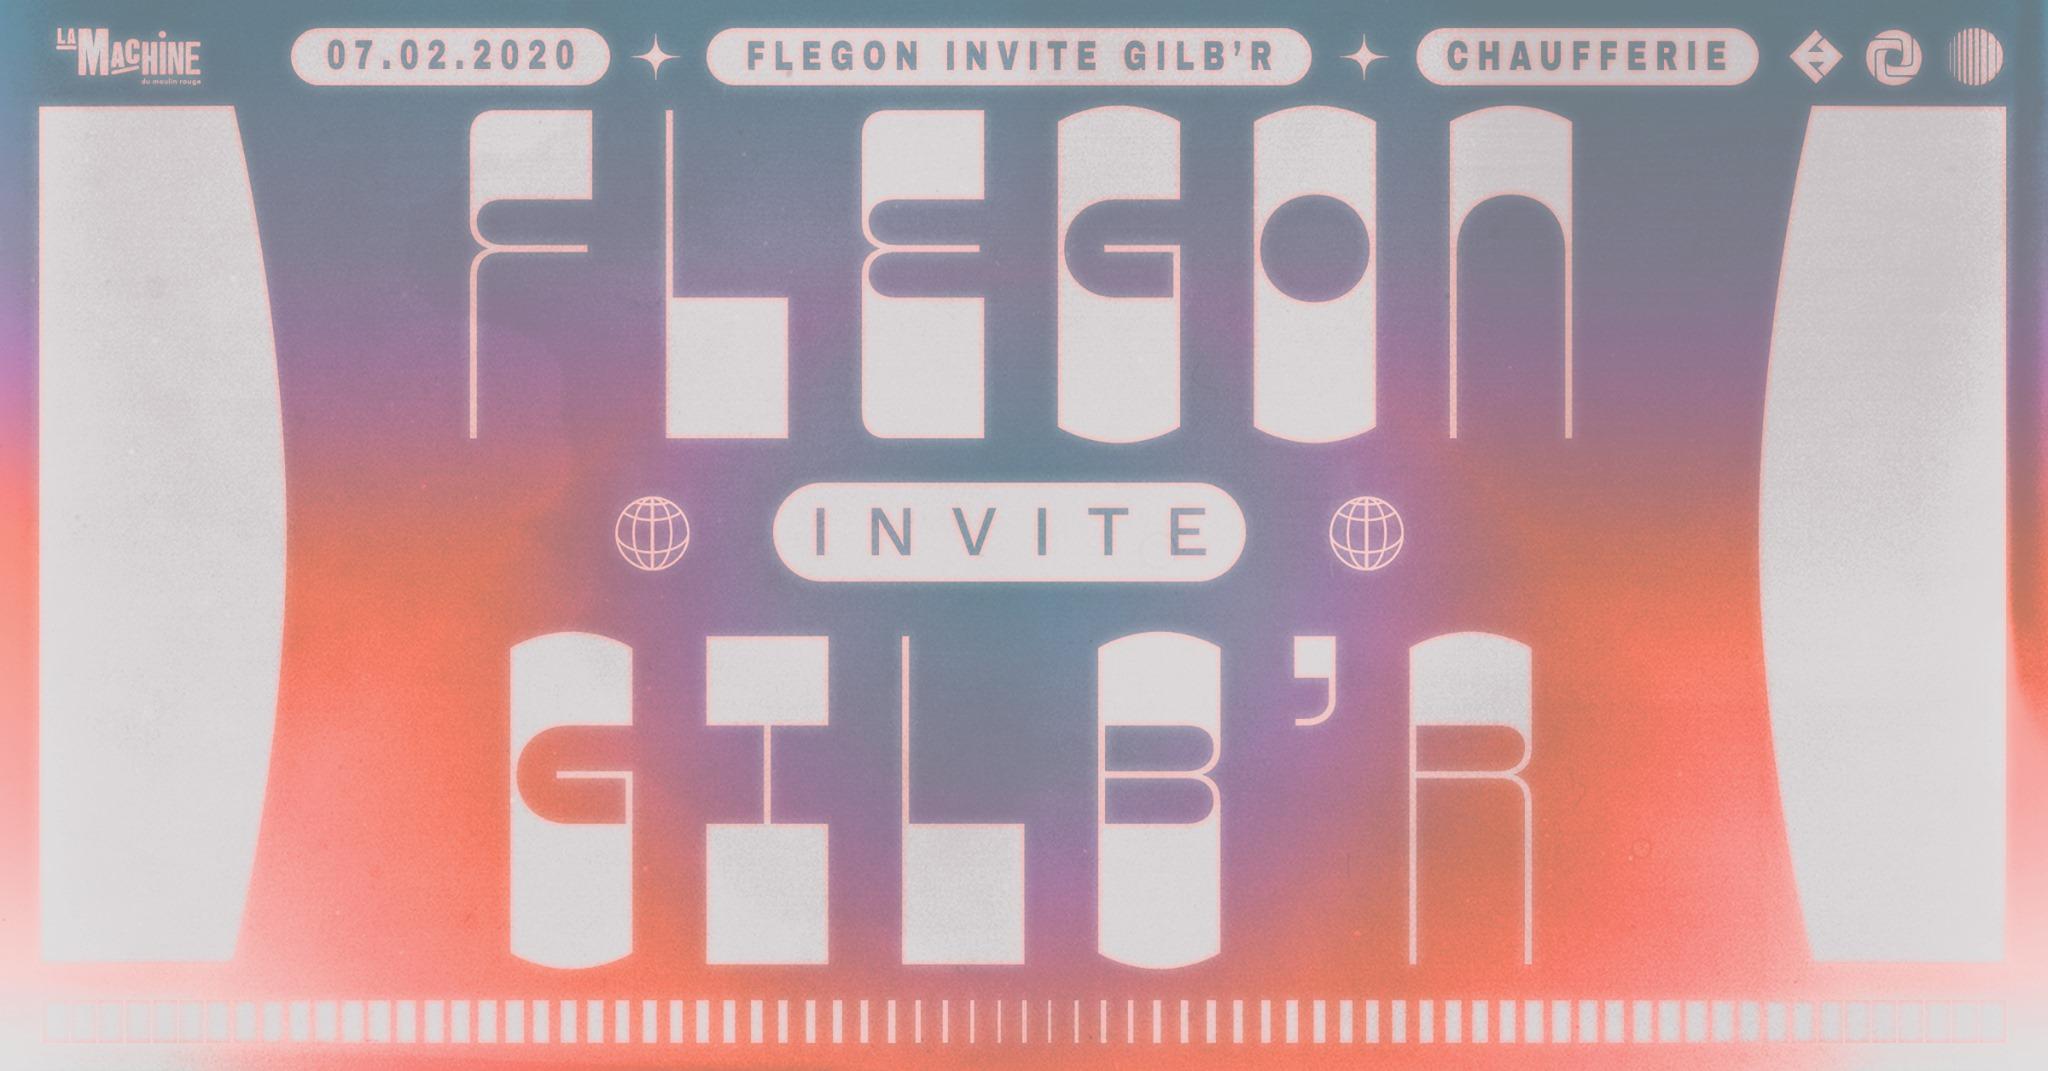 La Machine présente : Flegon invite Gilb'r